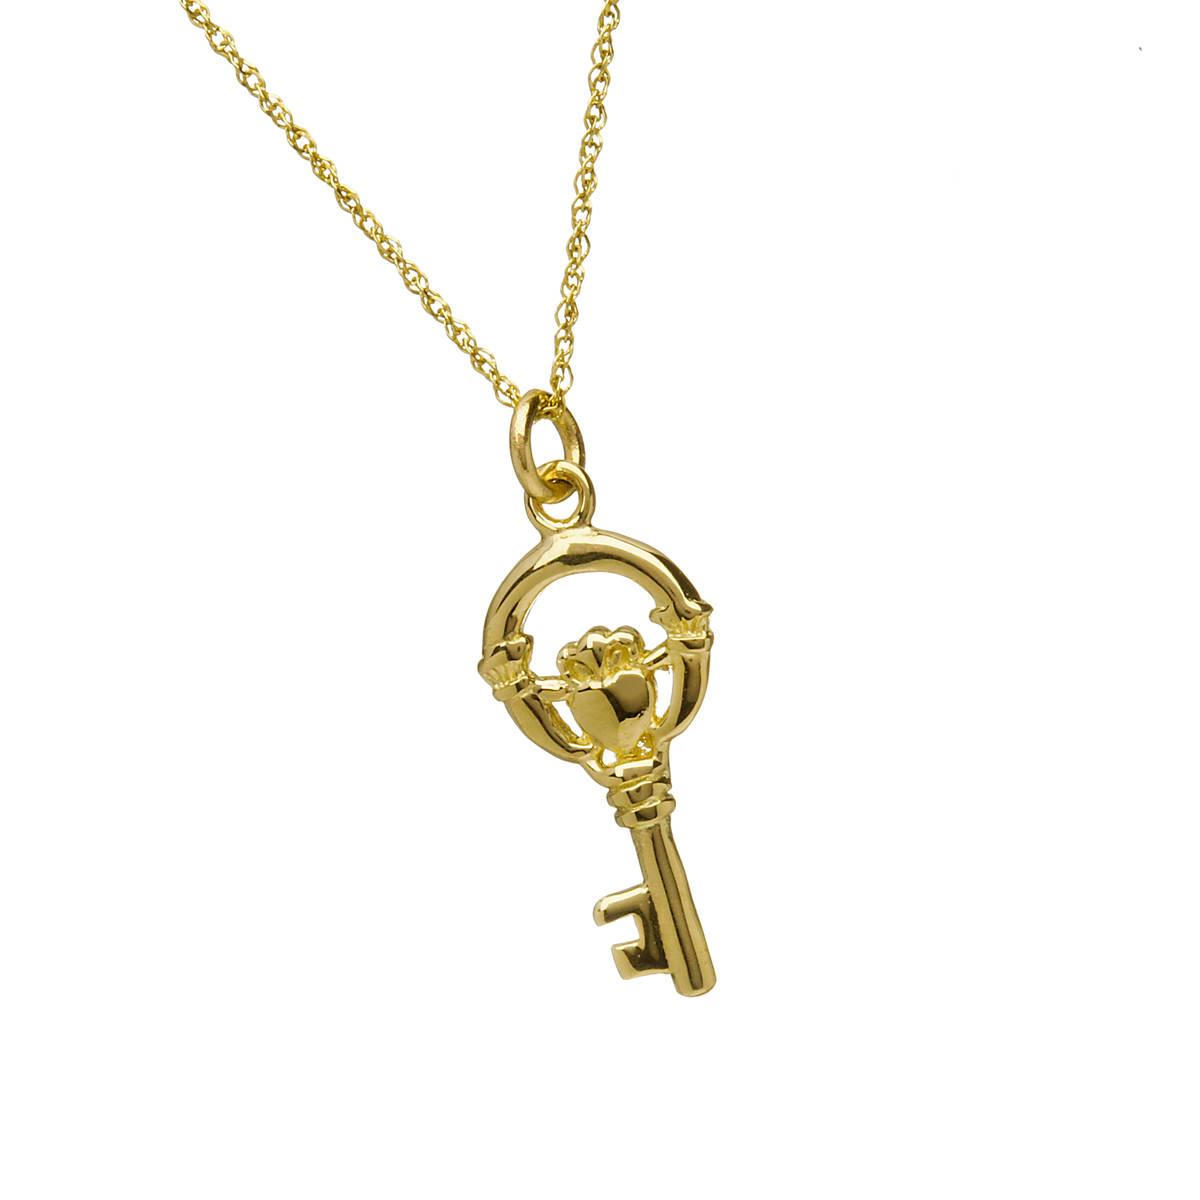 10ct Y/gold Claddagh Keys Of Ireland Charm Pendant